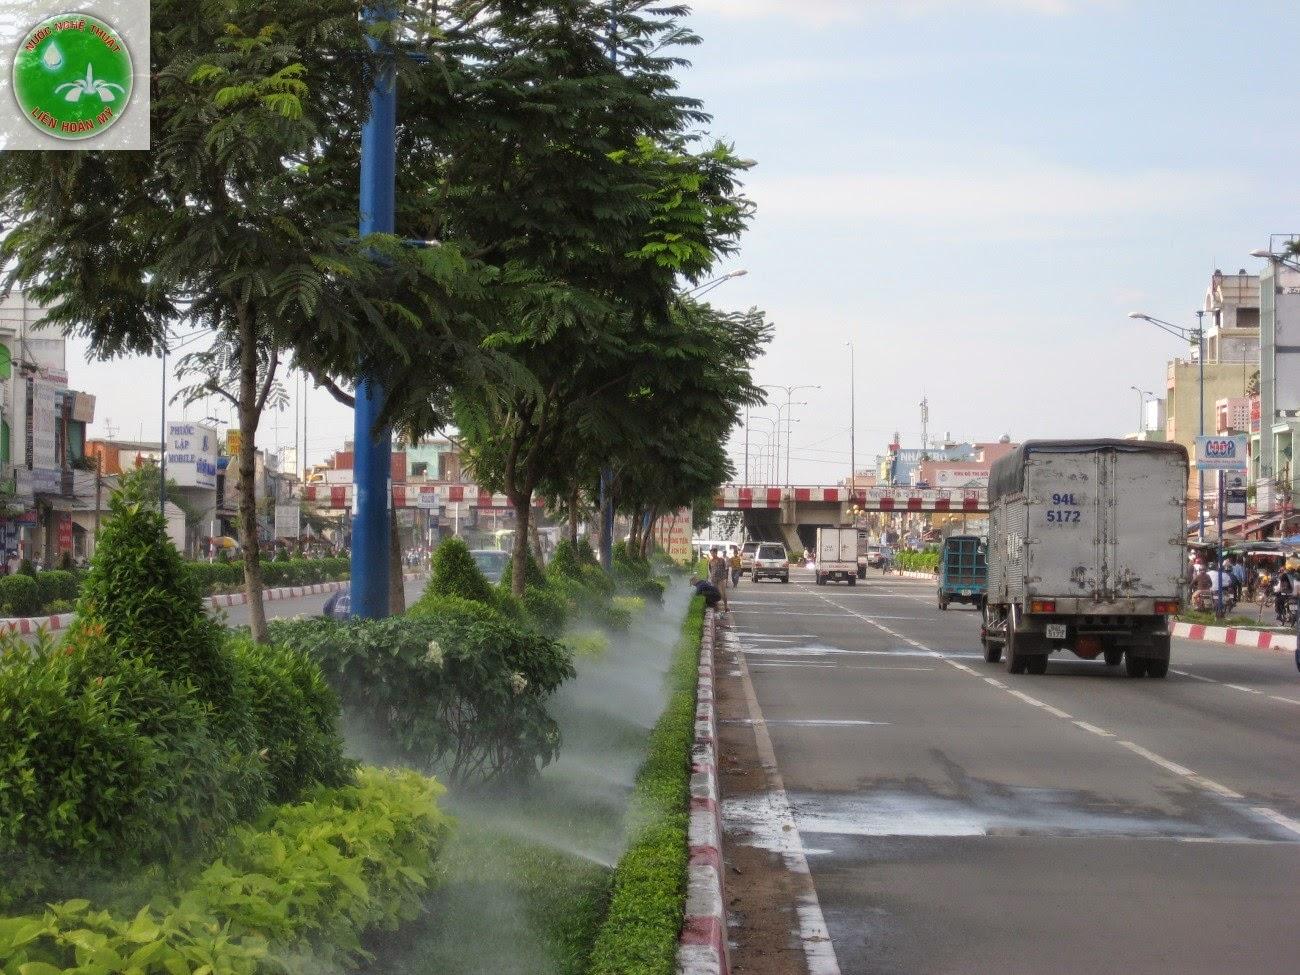 Hệ thống tưới tự động đường trường chinh